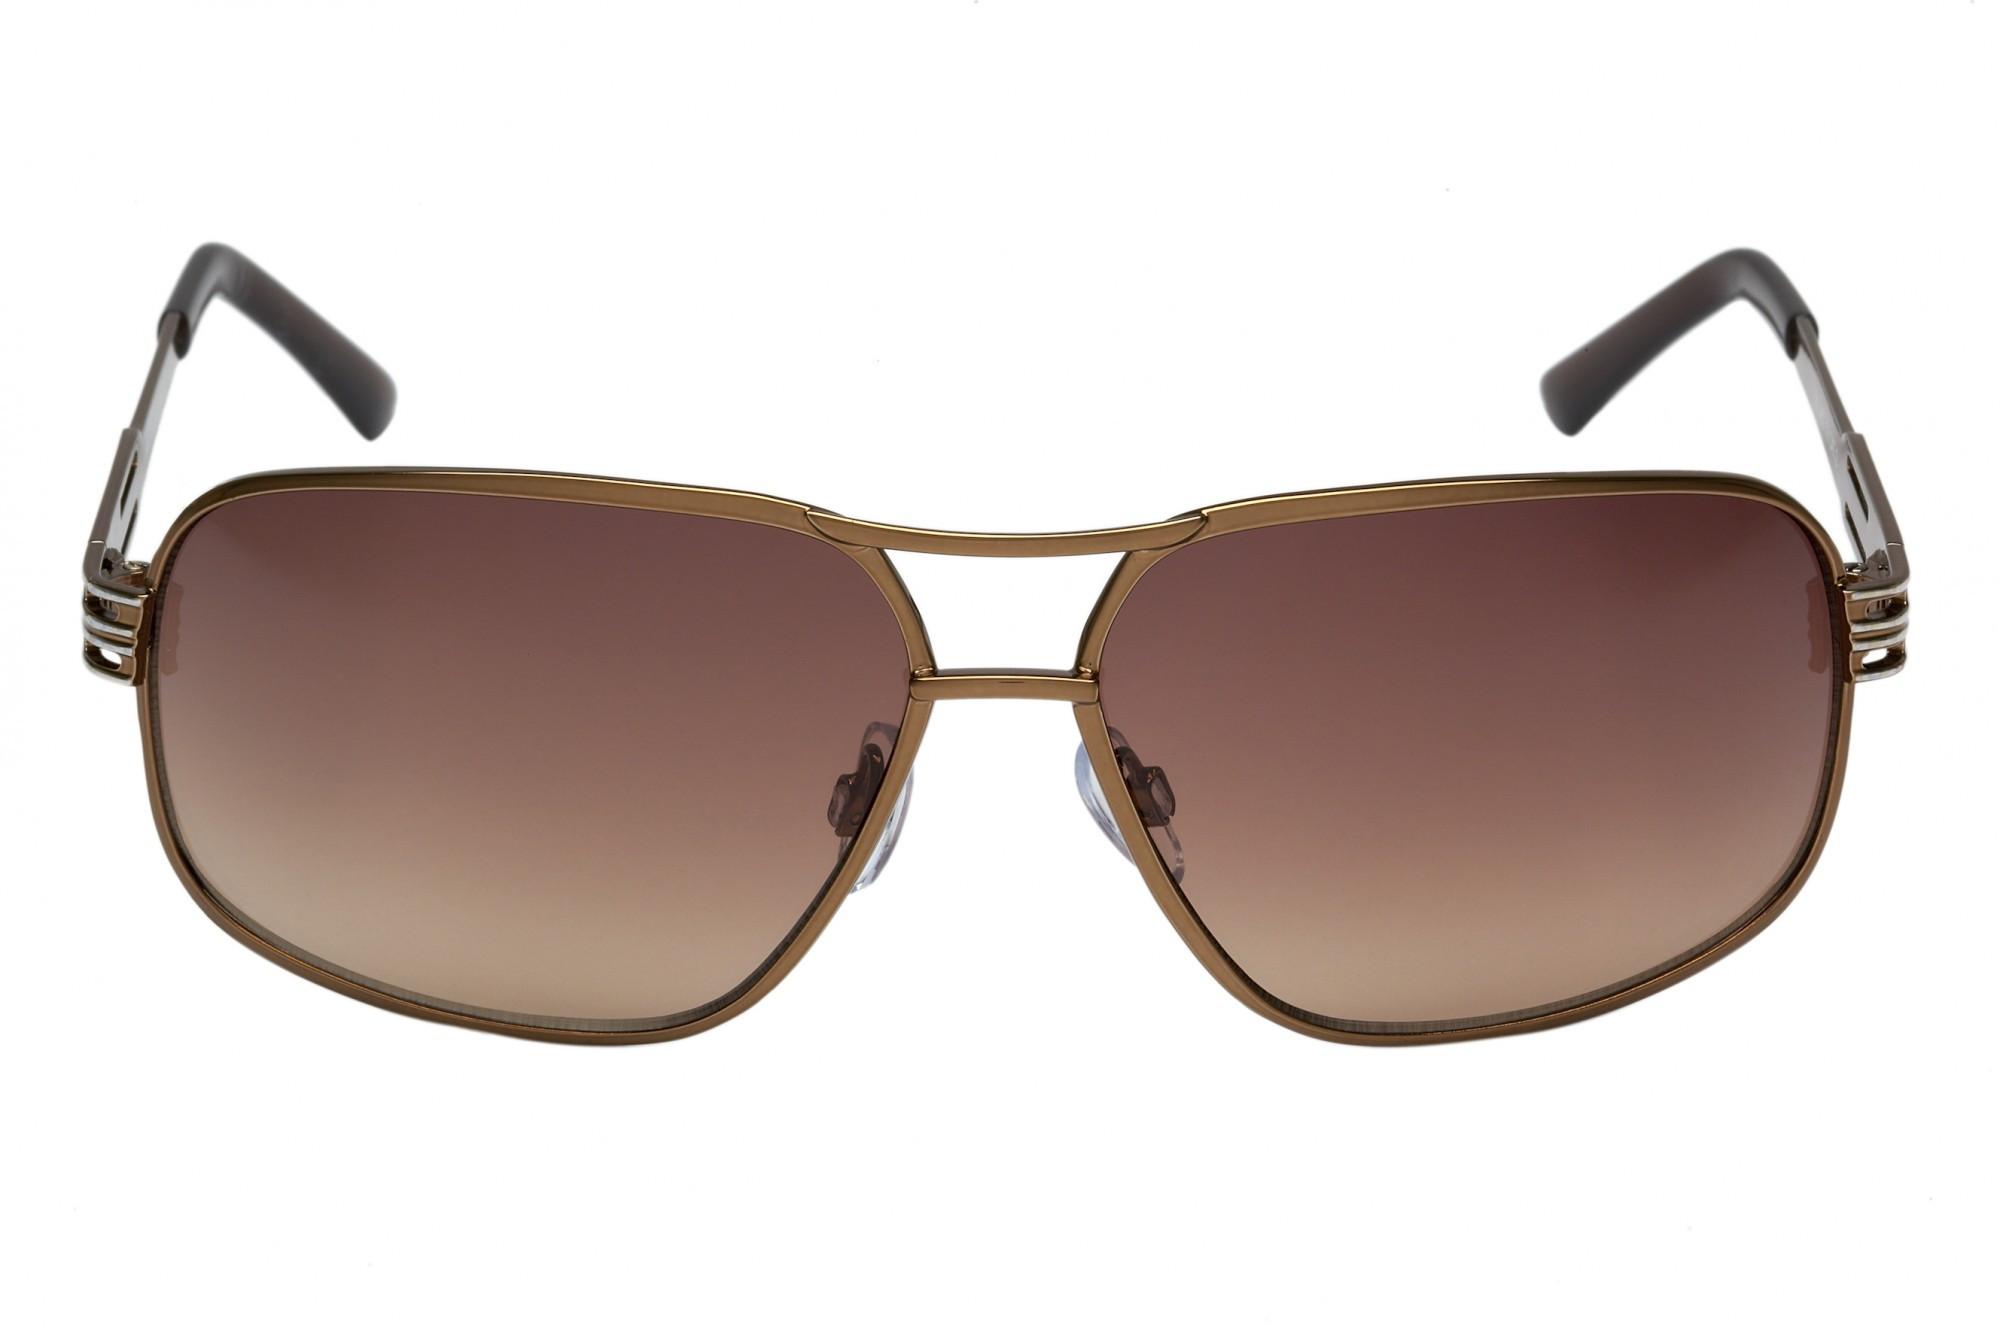 Sonnenbrillen für Herren im Titus Onlineshop kaufen | Titus